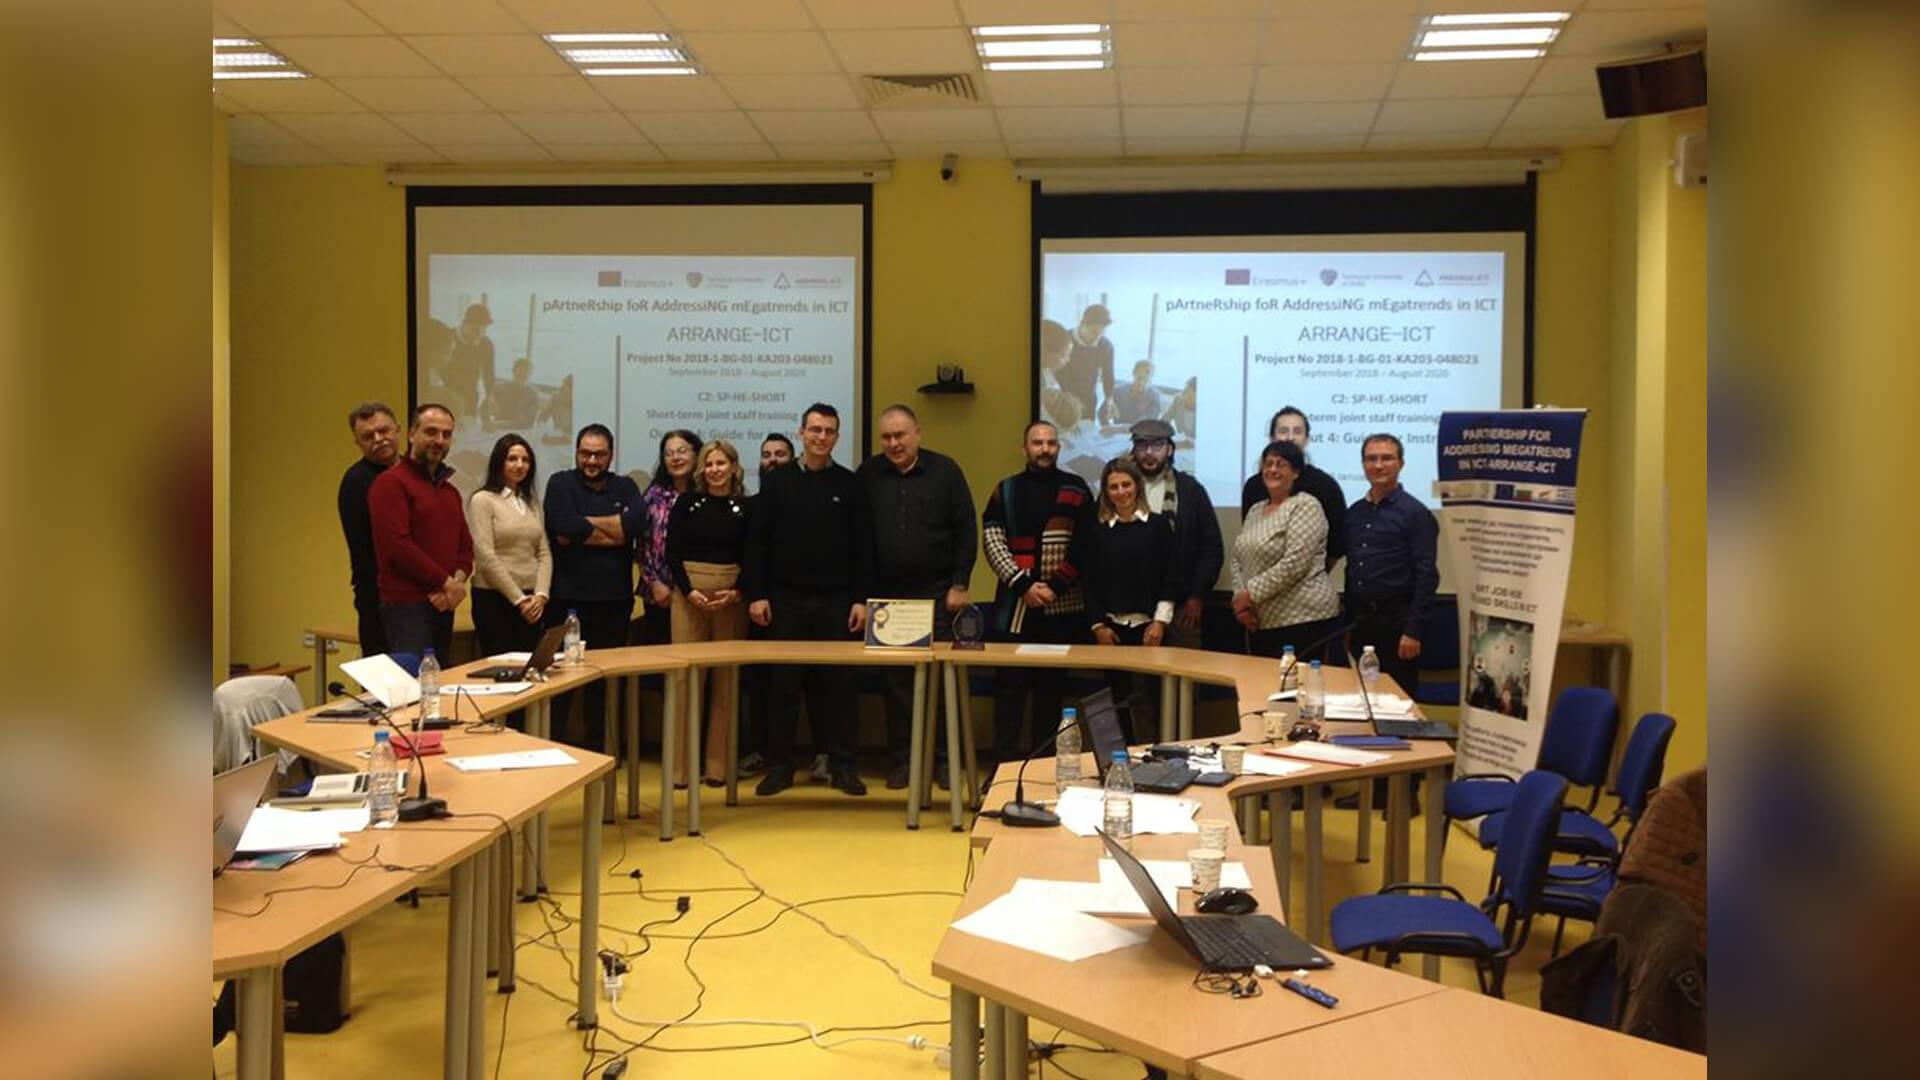 Συμμετοχή της Αλεξάνδρειας Ζώνης Καινοτομίας στο έργο ARRANGE-ICT του προγράμματος Erasmus+